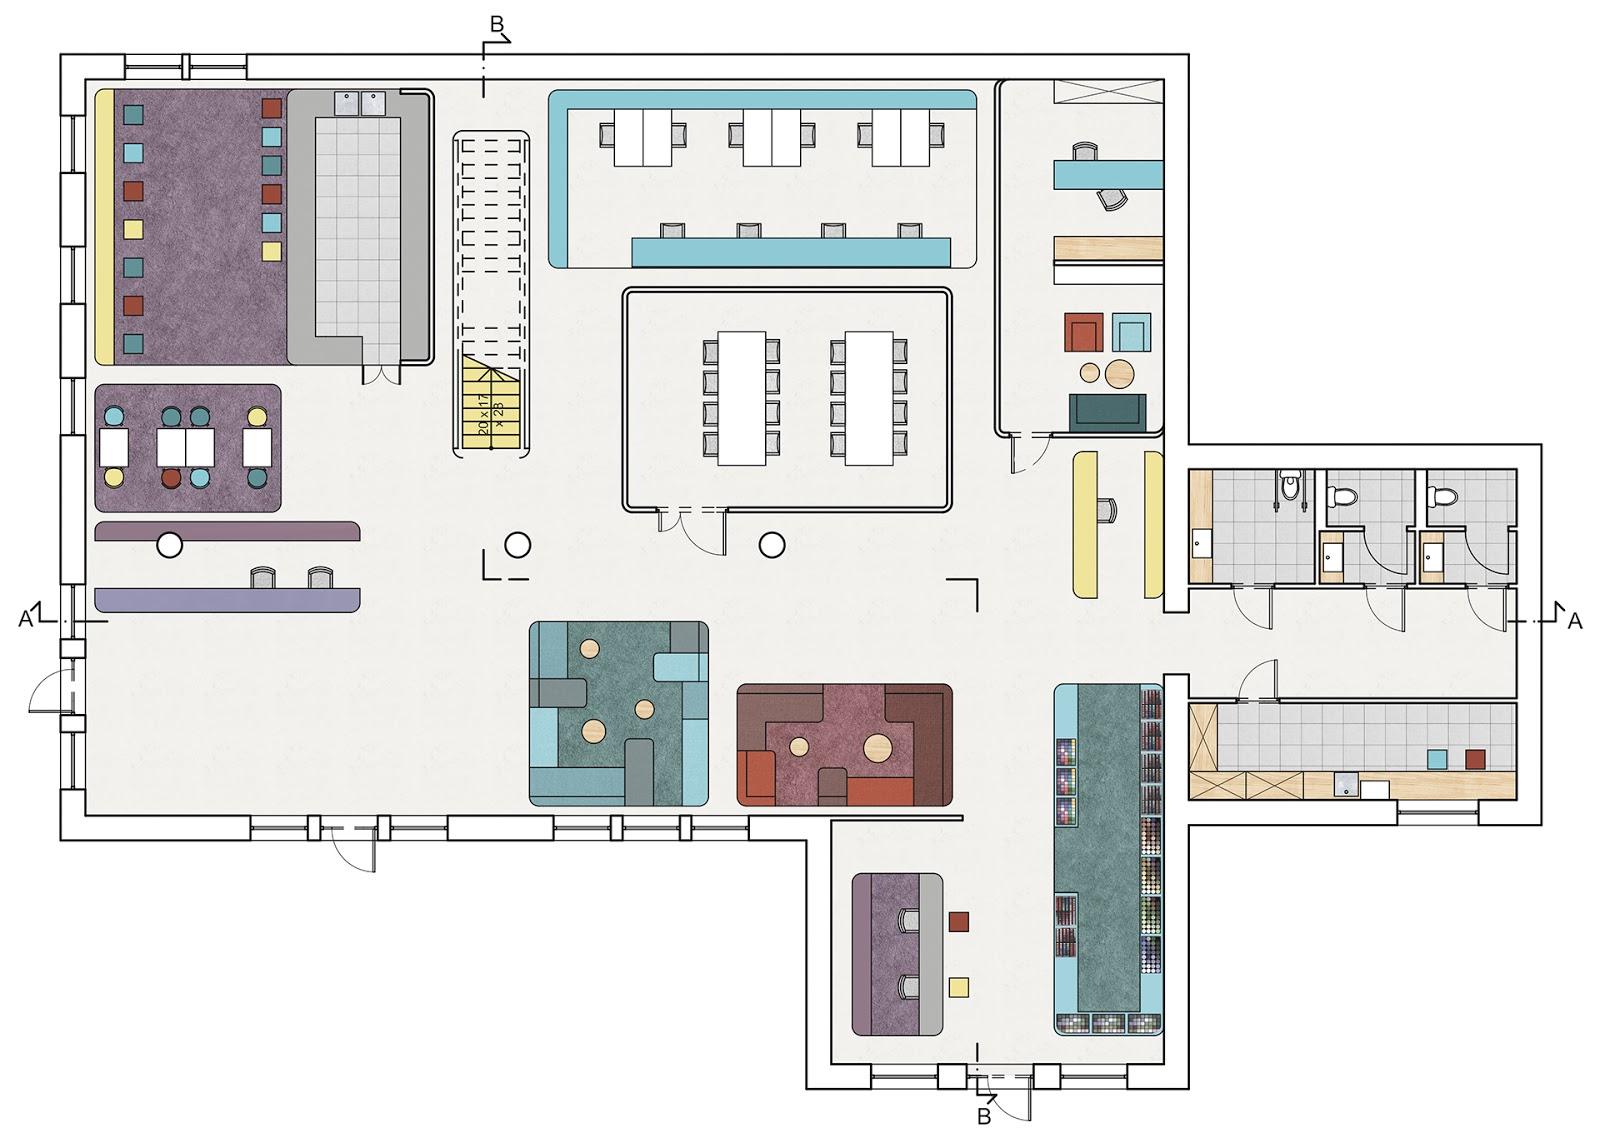 projekt architektury i aranżacji wnętrz siedziby marki inglot